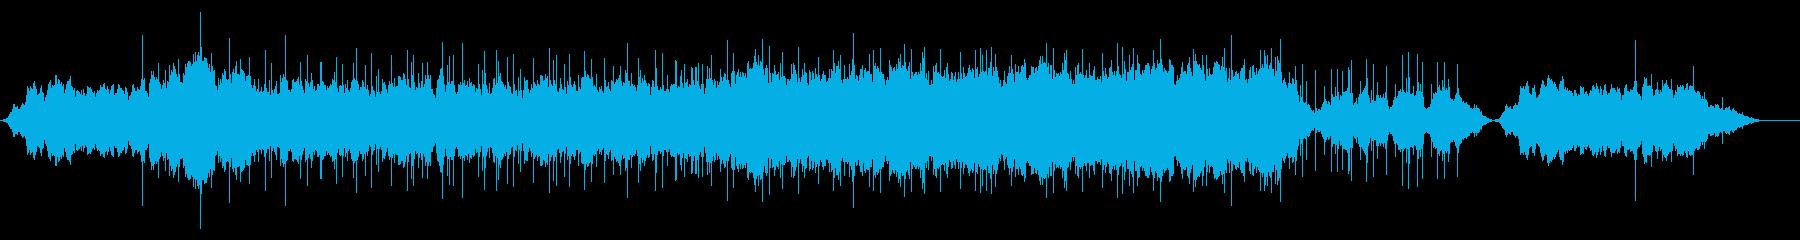 RPG:フィールド用BGM2の再生済みの波形